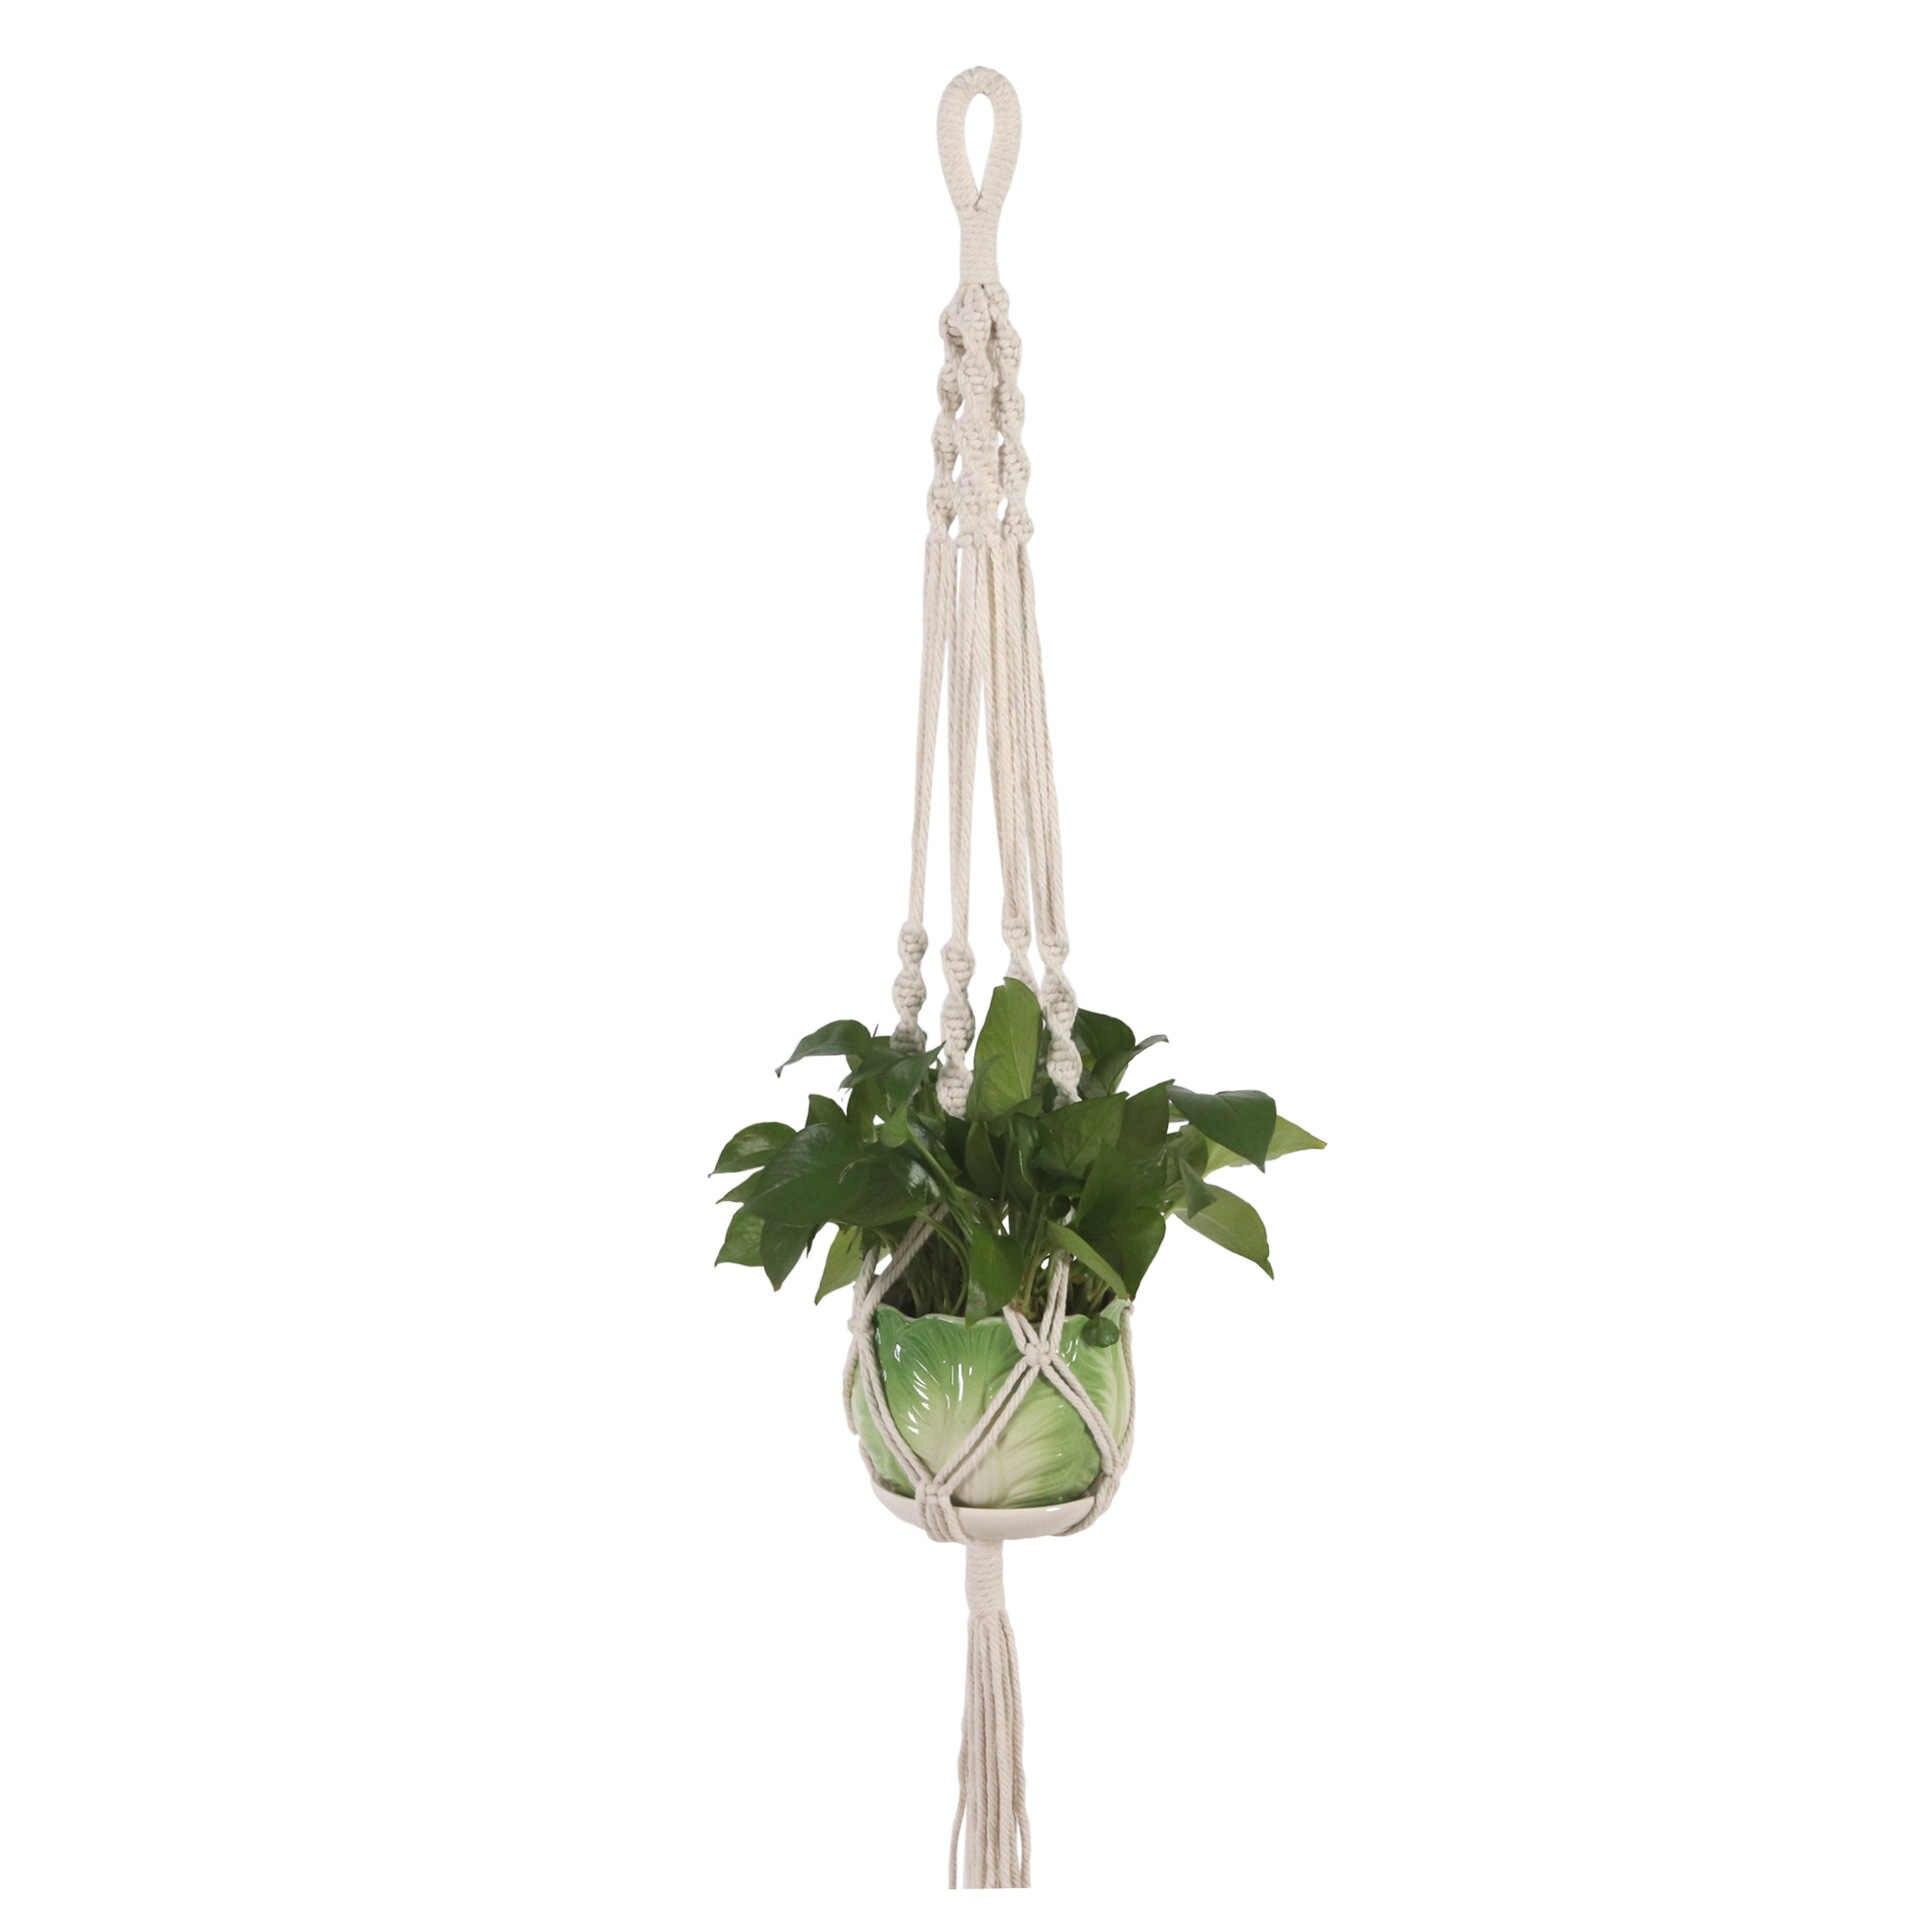 Macrame Planta Cabides Conjunto de 4 Interior Parede Plantador de Suspensão Cesta Titular Vaso de Flores Boho Caixa de Presente Decoração Da Sua Casa